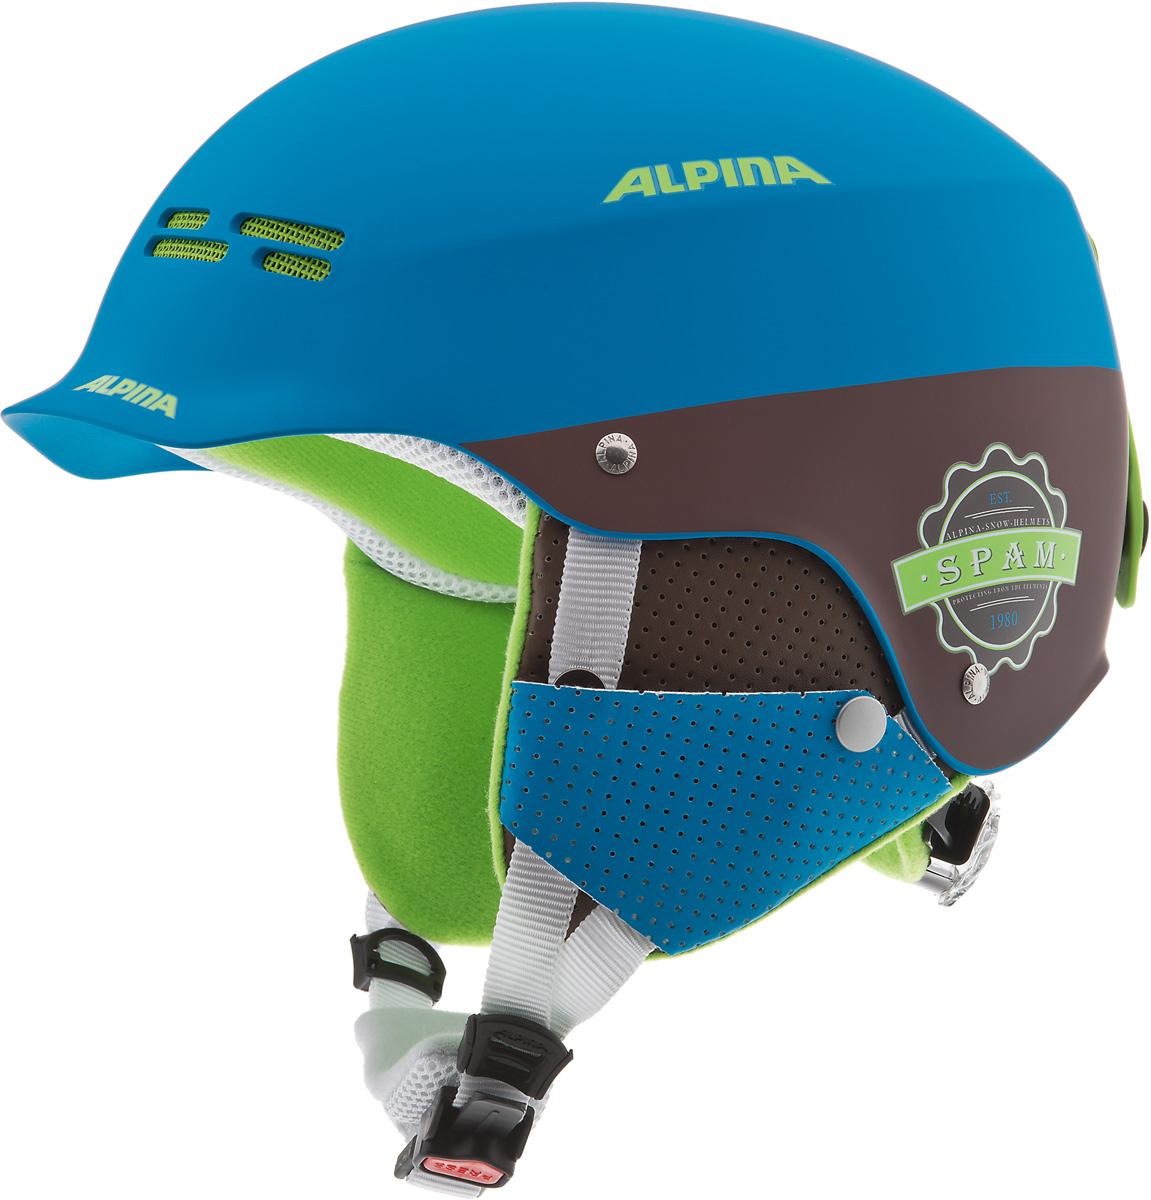 """Шлем горнолыжный детский Alpina """"Spam Cap JR"""", цвет: синий, коричневый. A9064_83. Размер 50-54"""